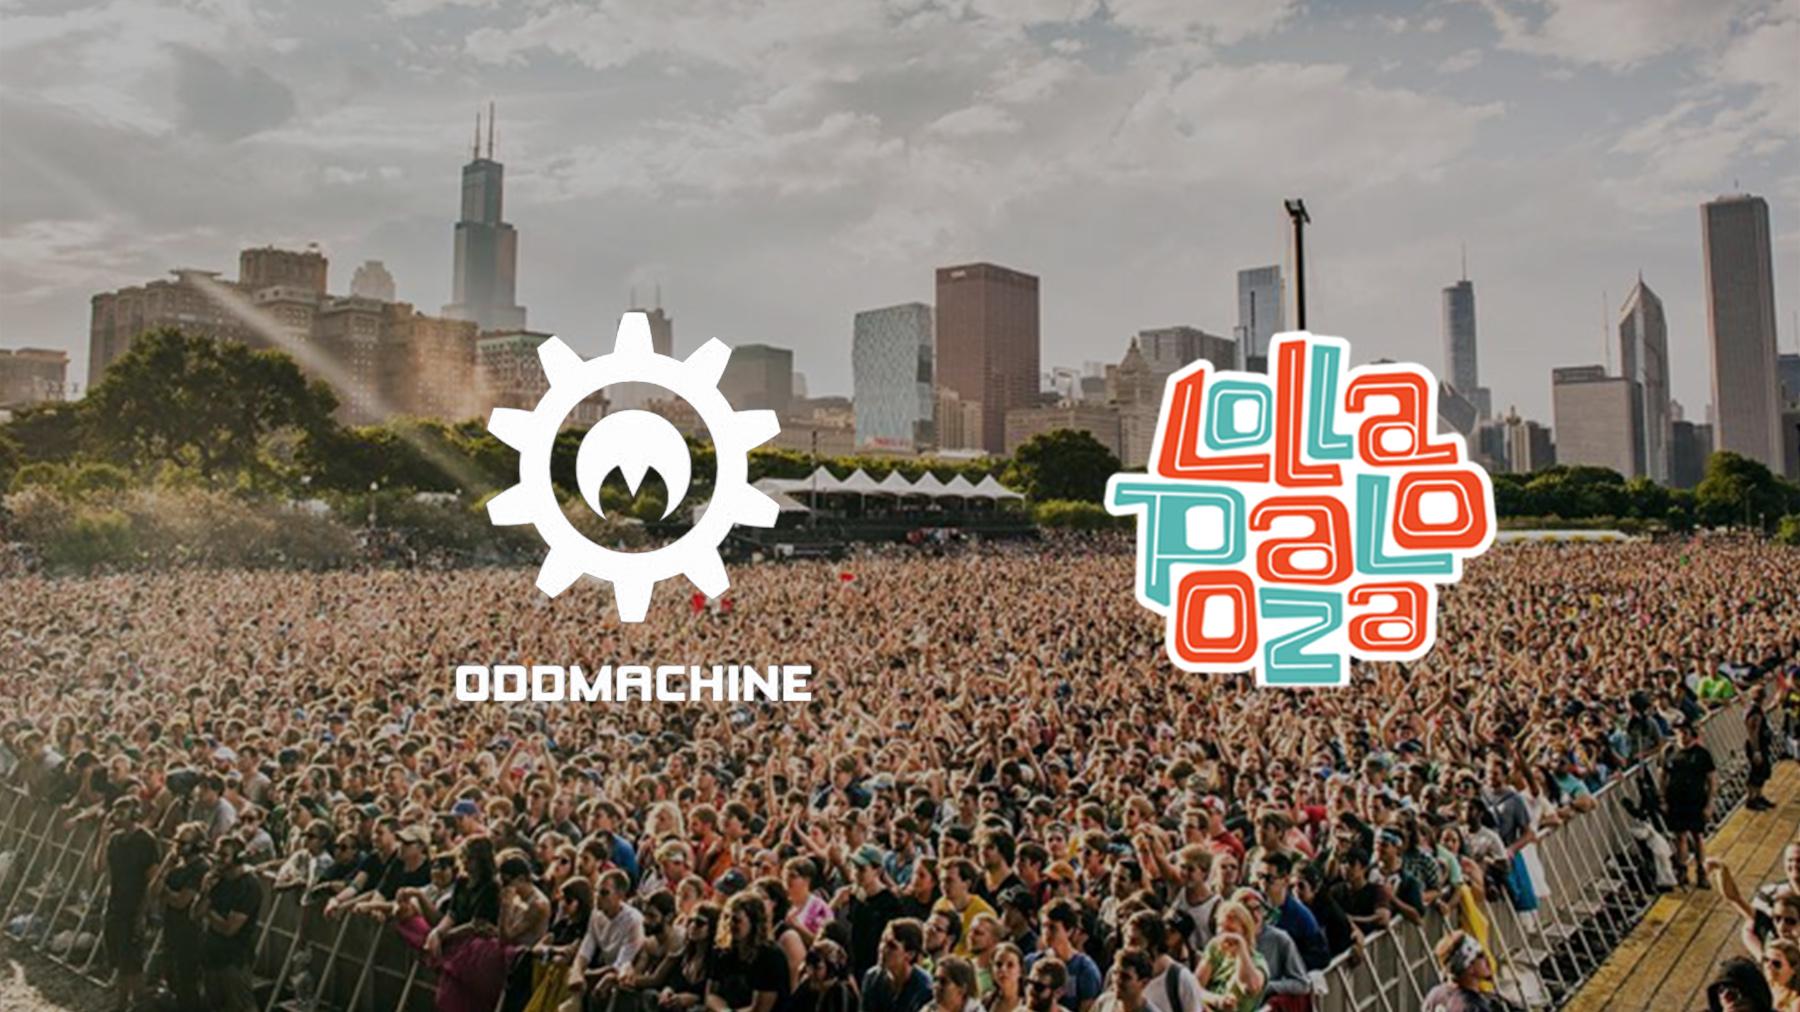 Lollapalooza x Oddmachine